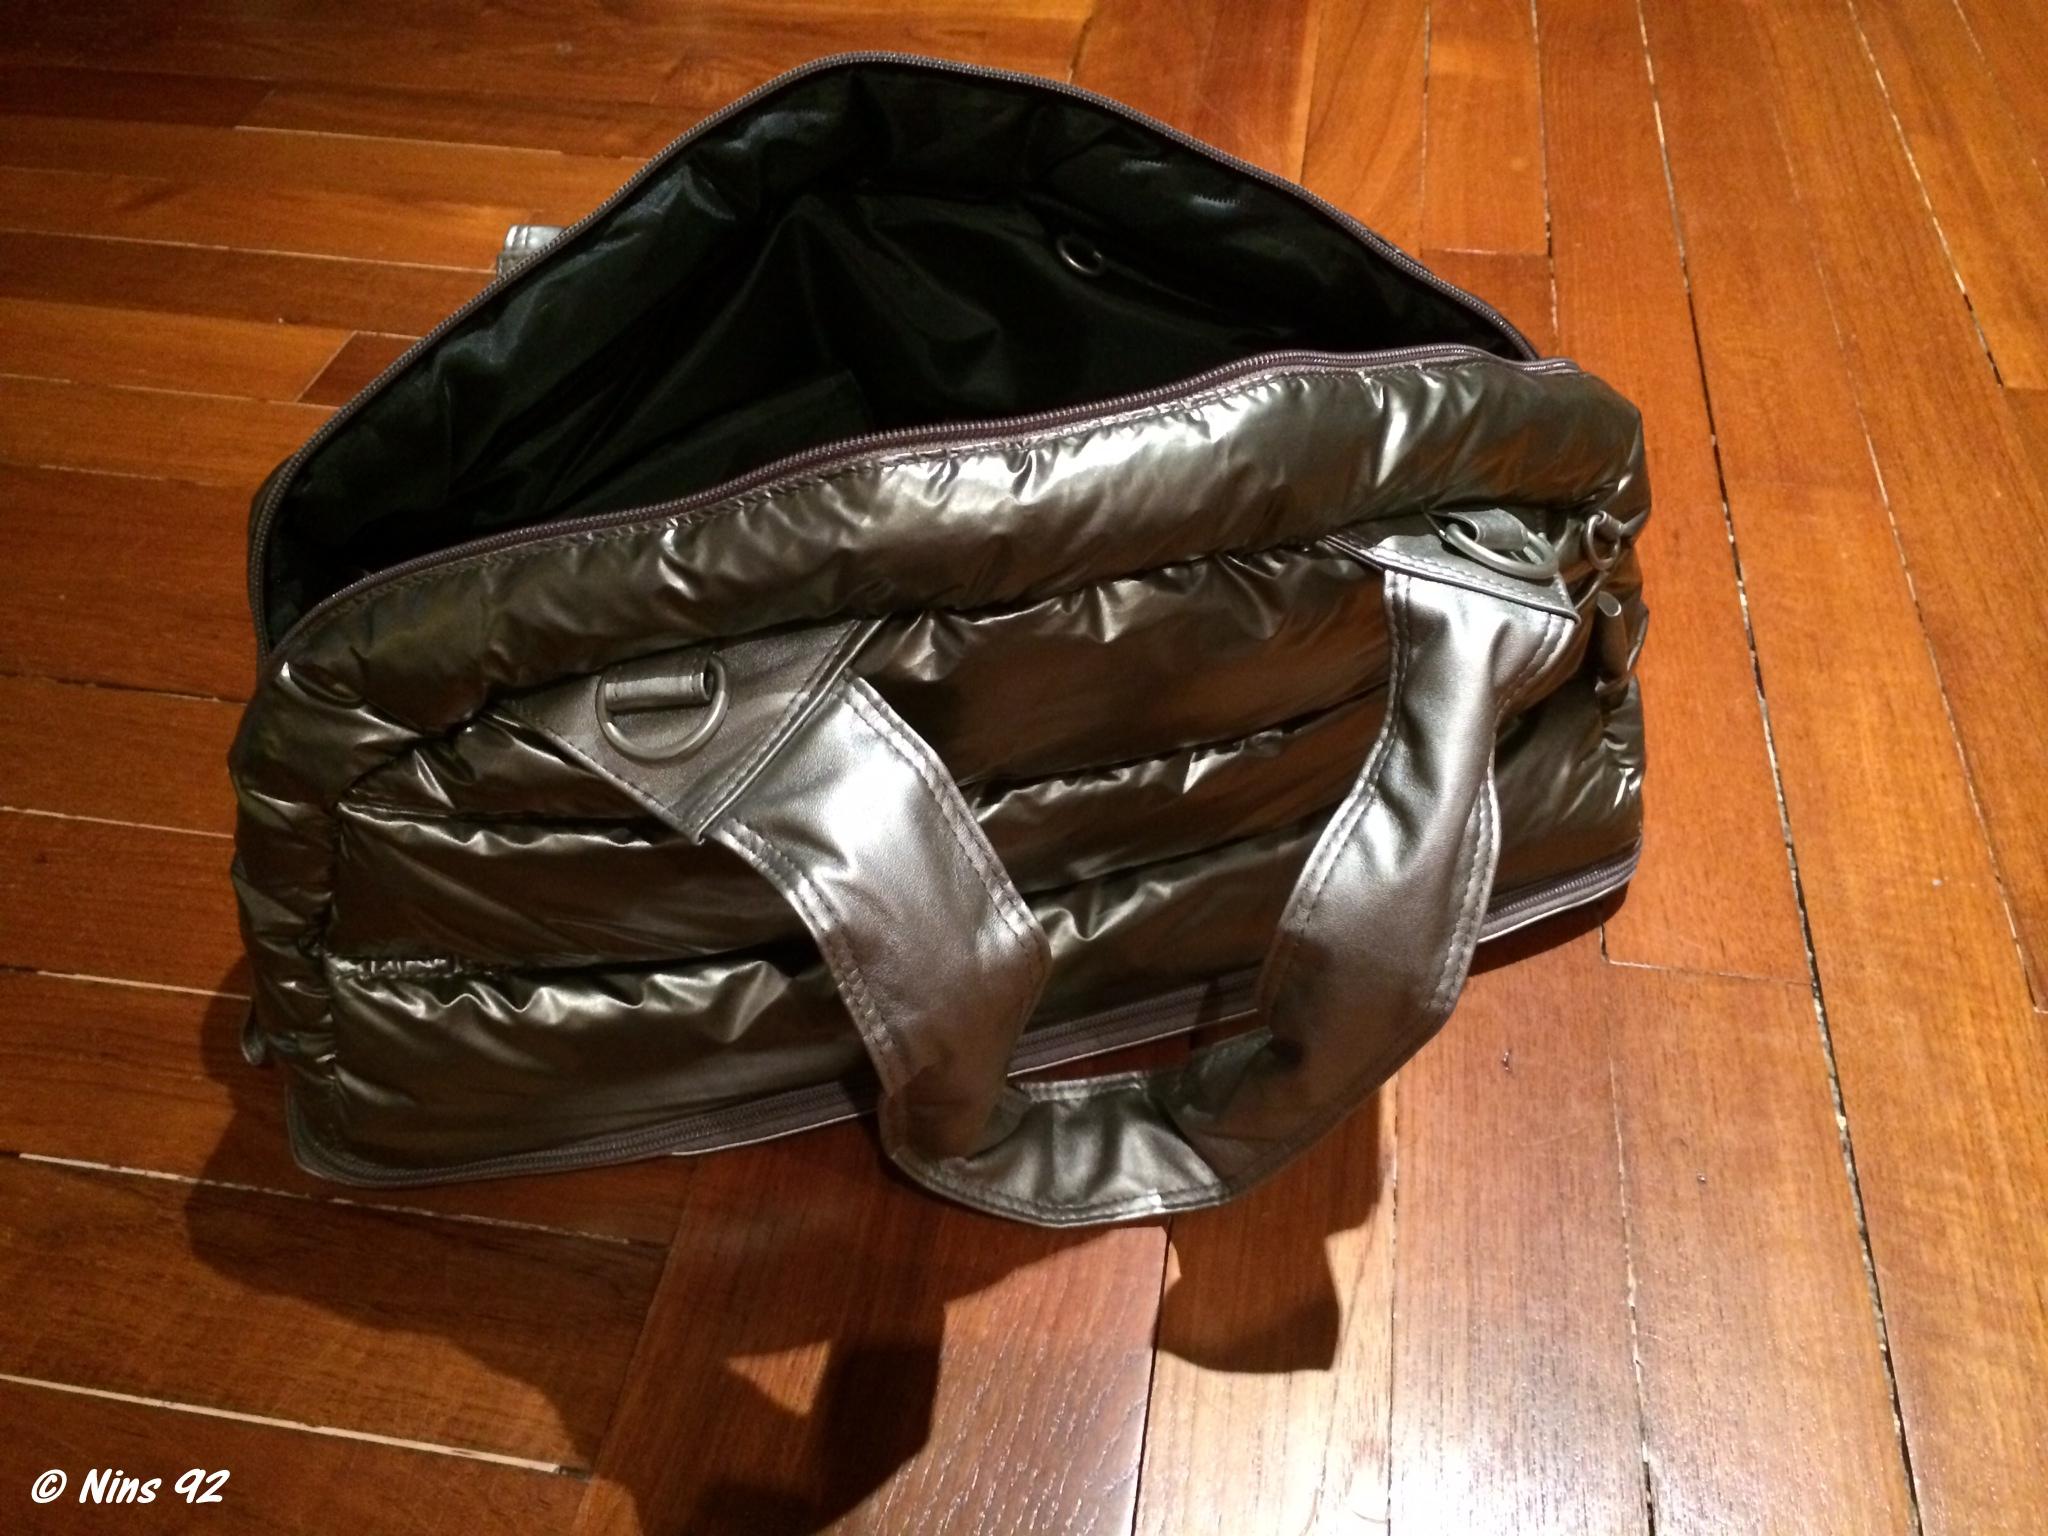 Lorsque j ai reçu le sac, il était emballé dans un autre grand sac en  toile, comme les sacs de grandes marques. J ai trouvé ça ultra class. b470c4f7ddd9